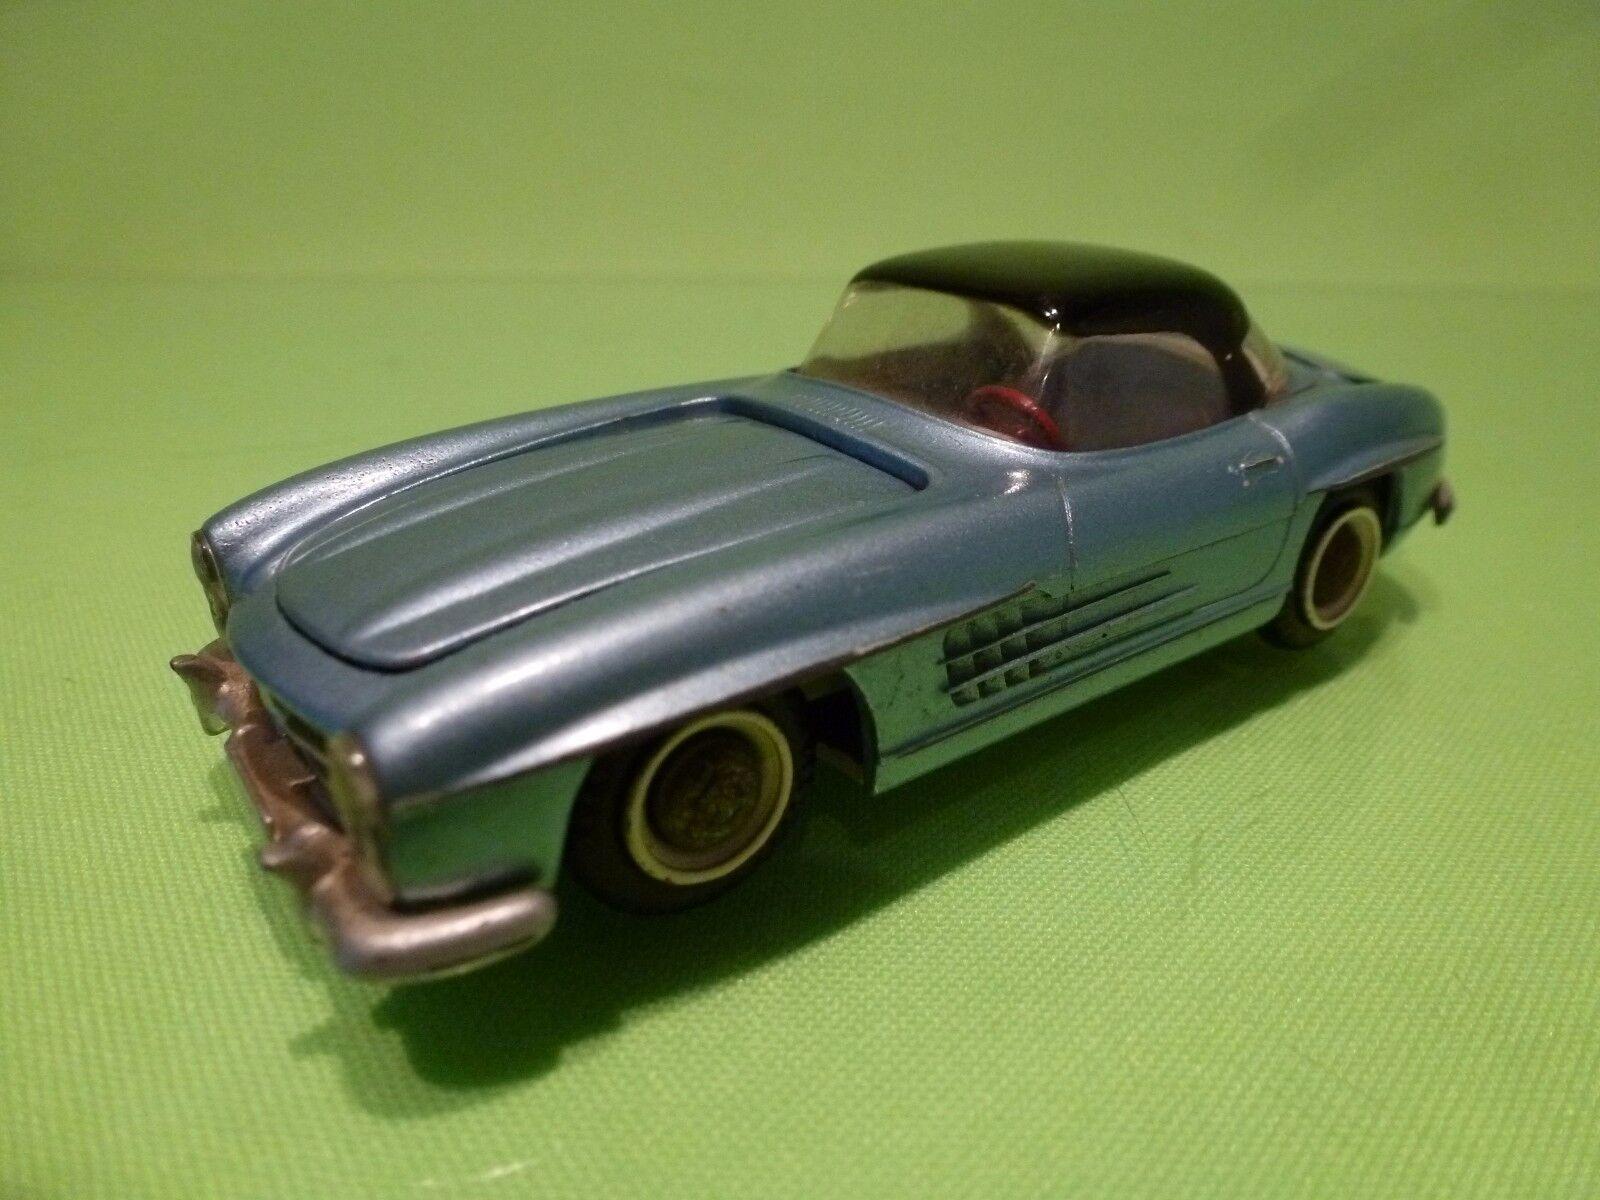 TEKNO DENMARK 925 MERCEDES BENZ 300SL 1957 - METALLIC azul 1 43 - GOOD CONDITION